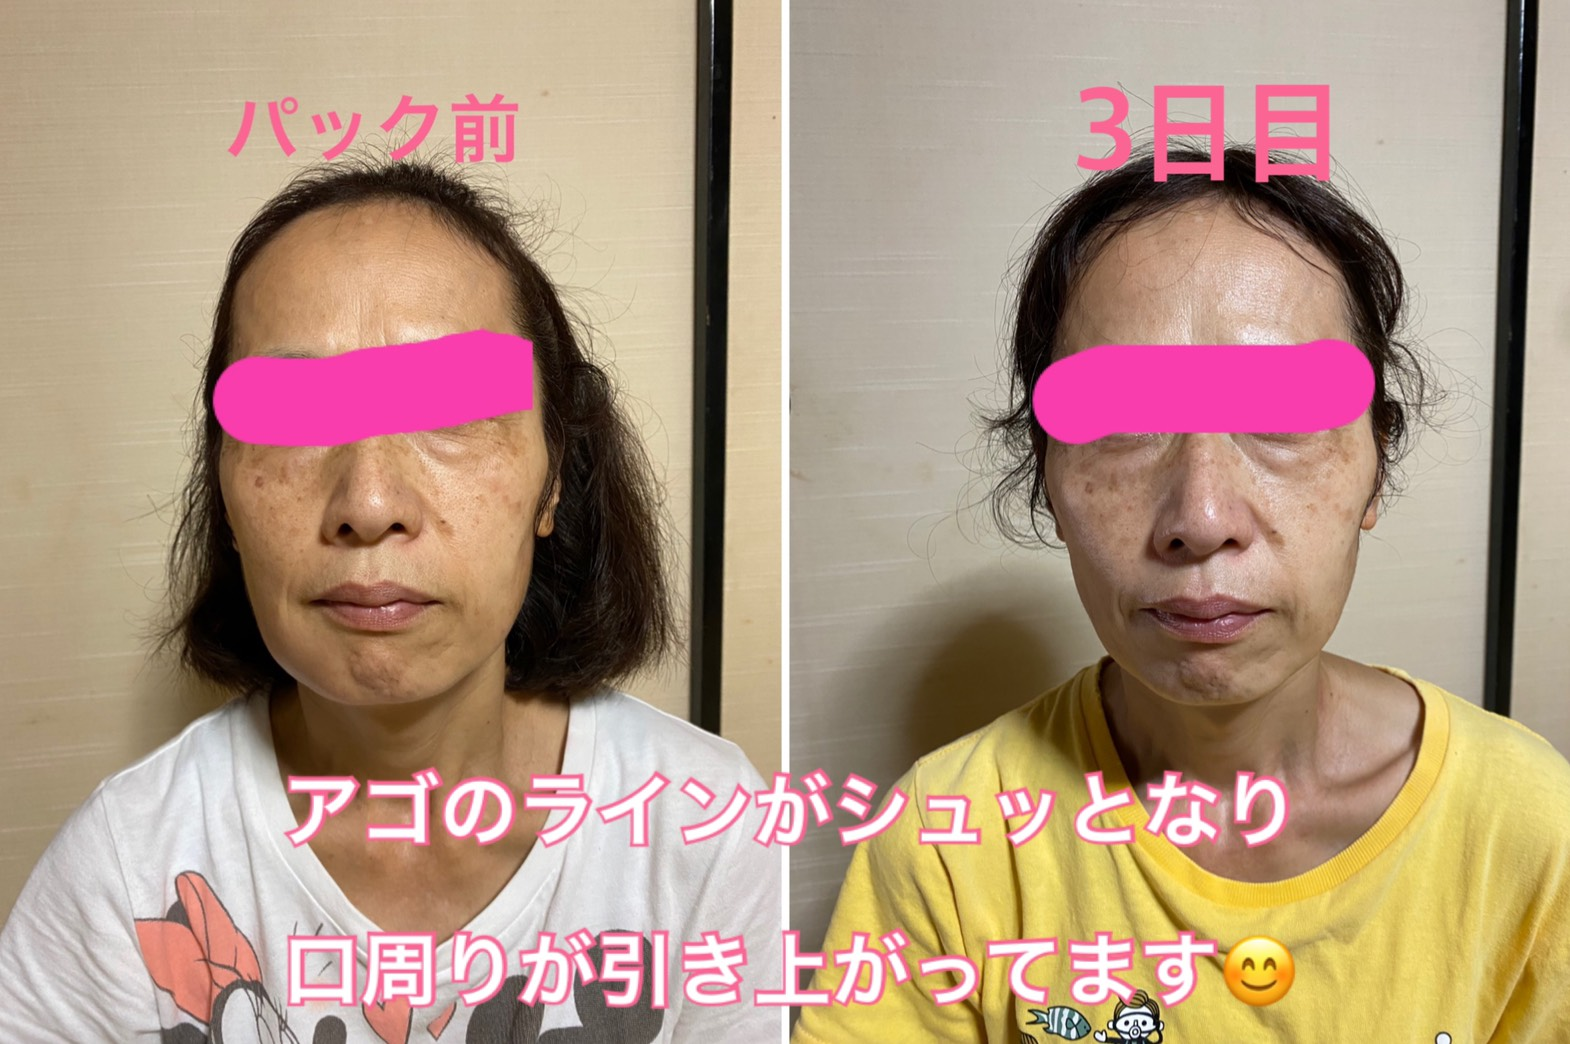 人幹細胞培養液配合フェイスマスク入荷!シワ、シミ、たるみ、マスクでの肌荒れが気になる方!必見